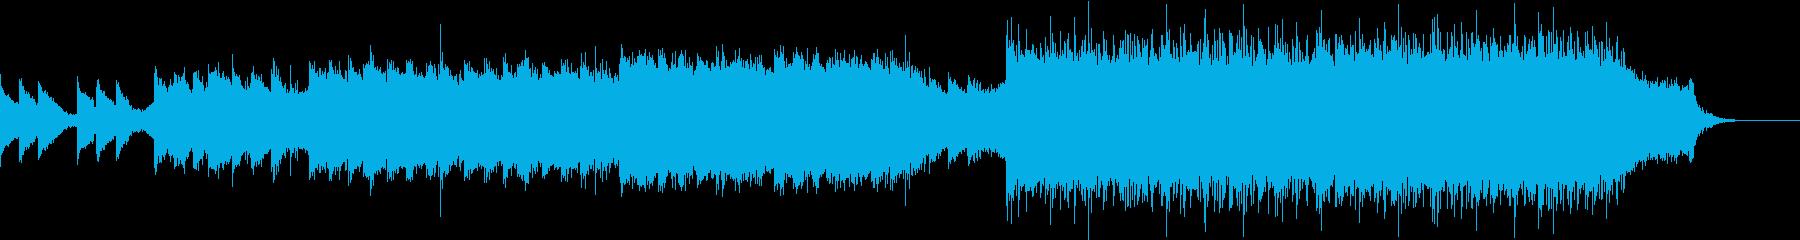 エピローグ・平和・壮大の再生済みの波形